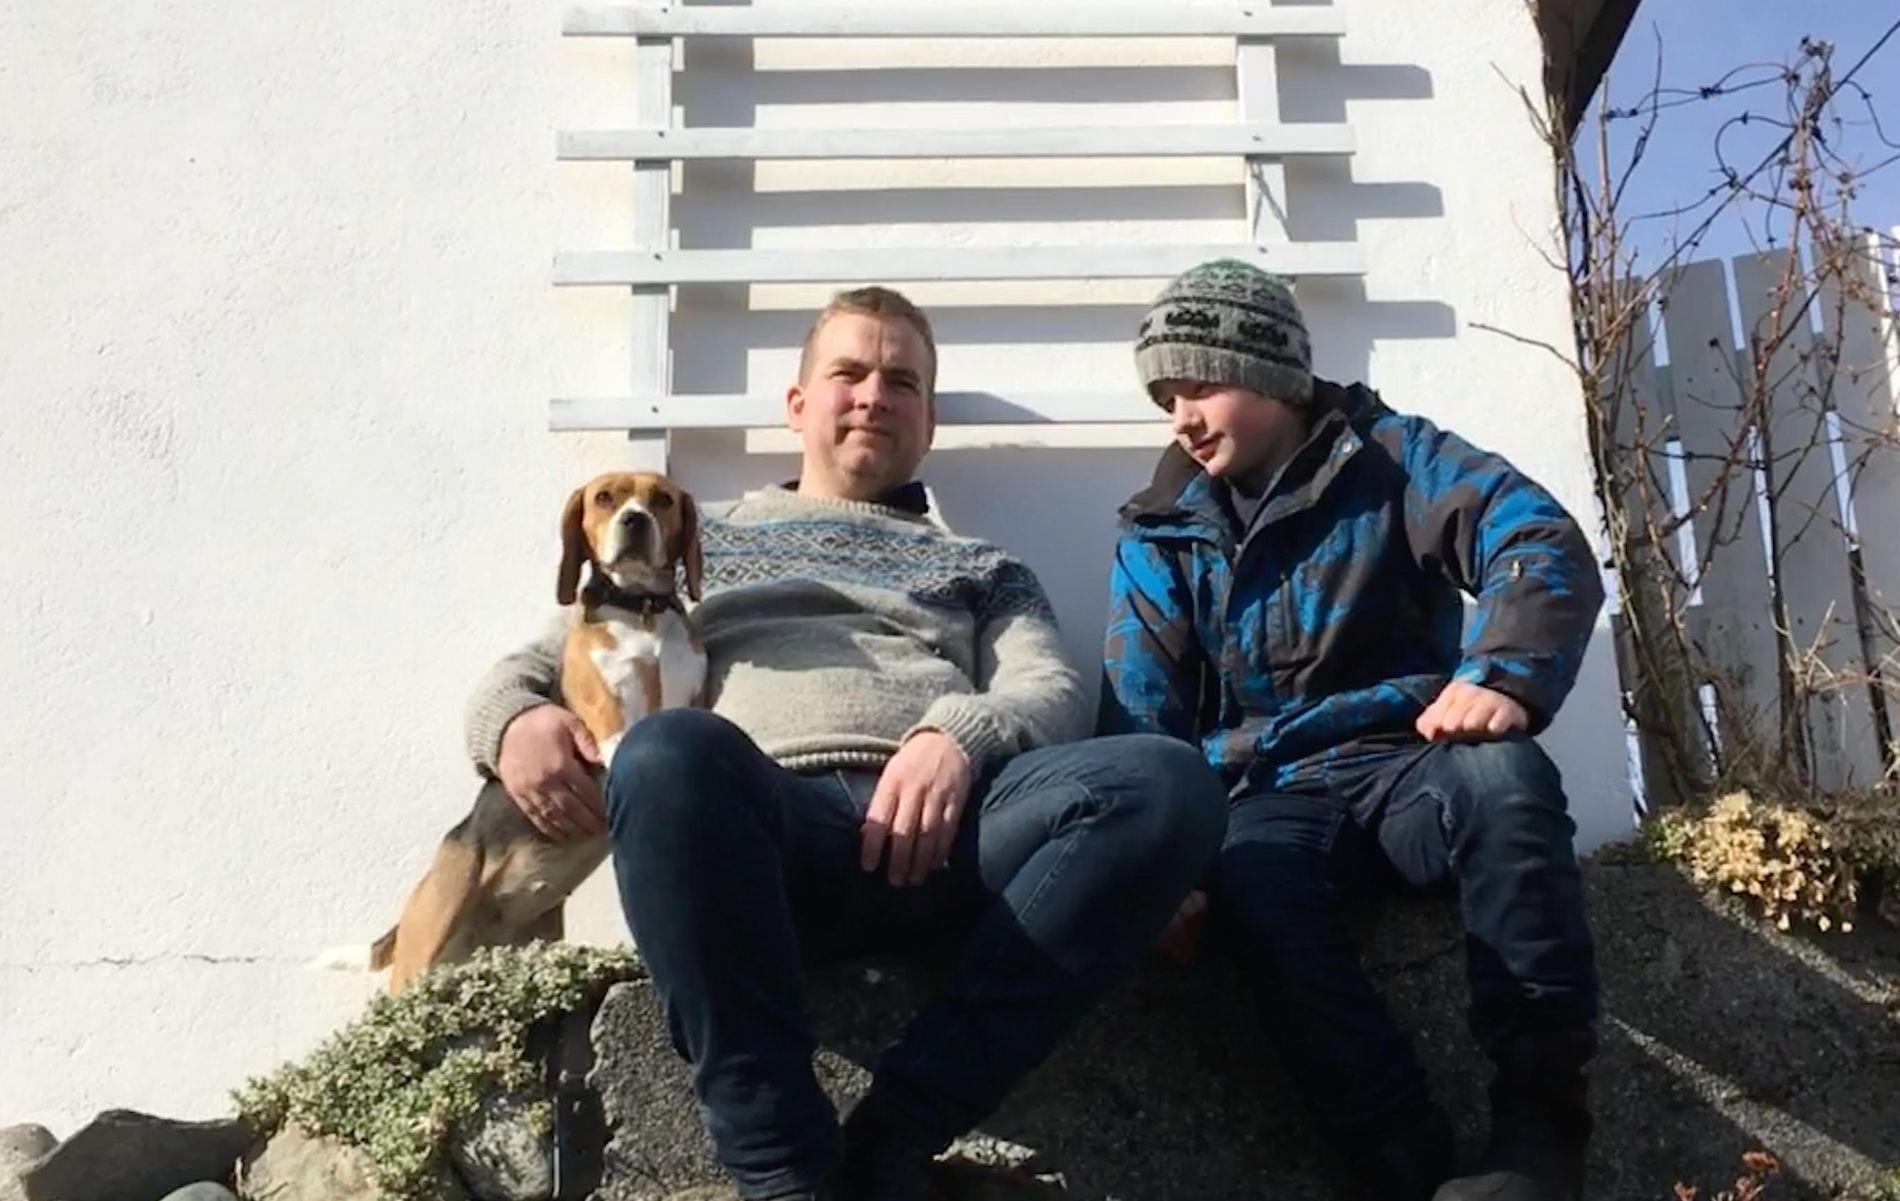 IKKE FORNØYD: Sveinung Stensland mener et samlet storting må gå sammen om å mene at vaksinemotstand er en alvorlig helsetrussel. Her med sønnen Audun og beaglen Lilly utenfor familiens hytte på Feøy.